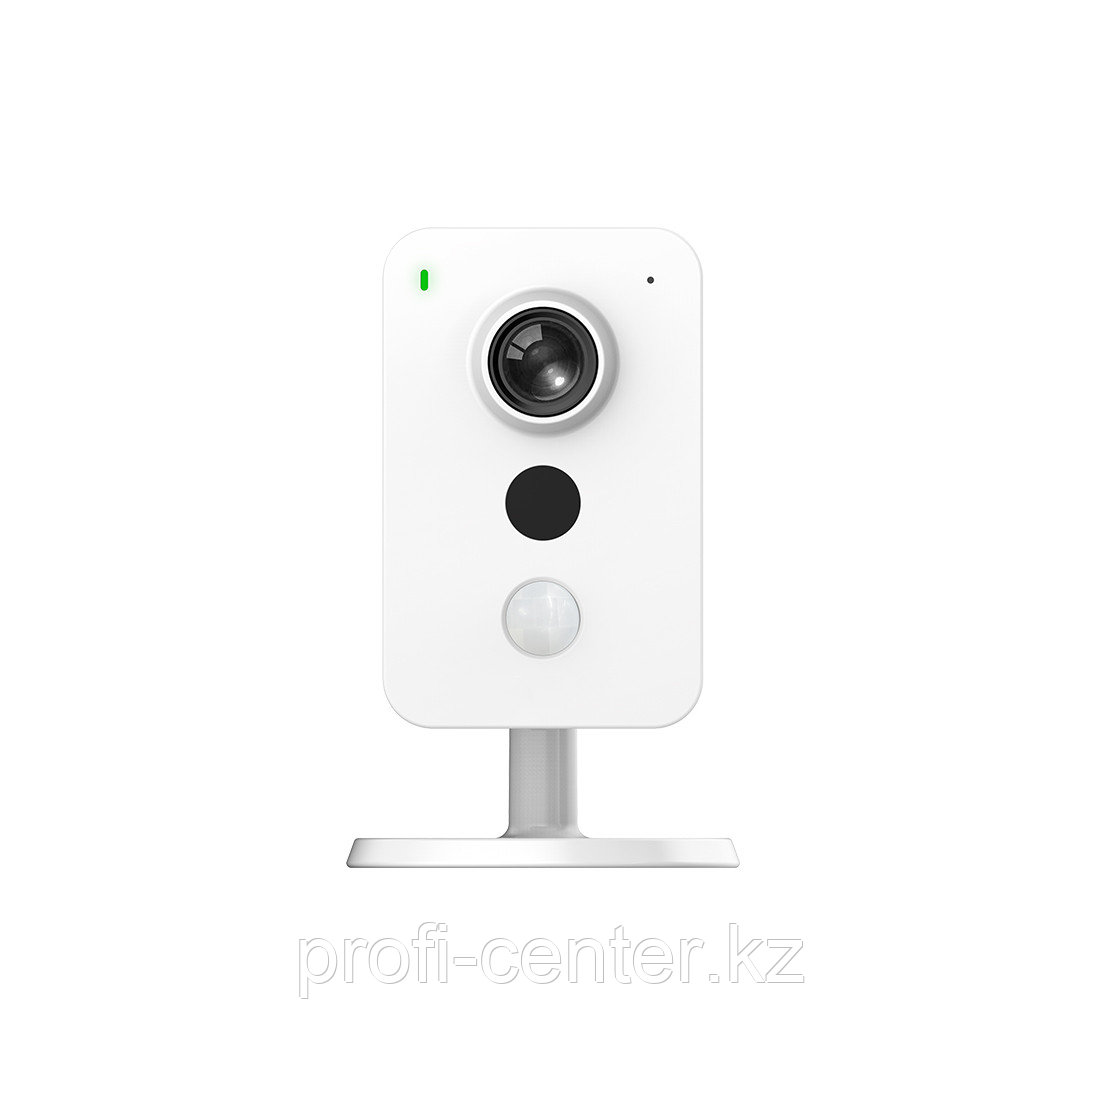 IP видеокамера Imou IPC-K22A